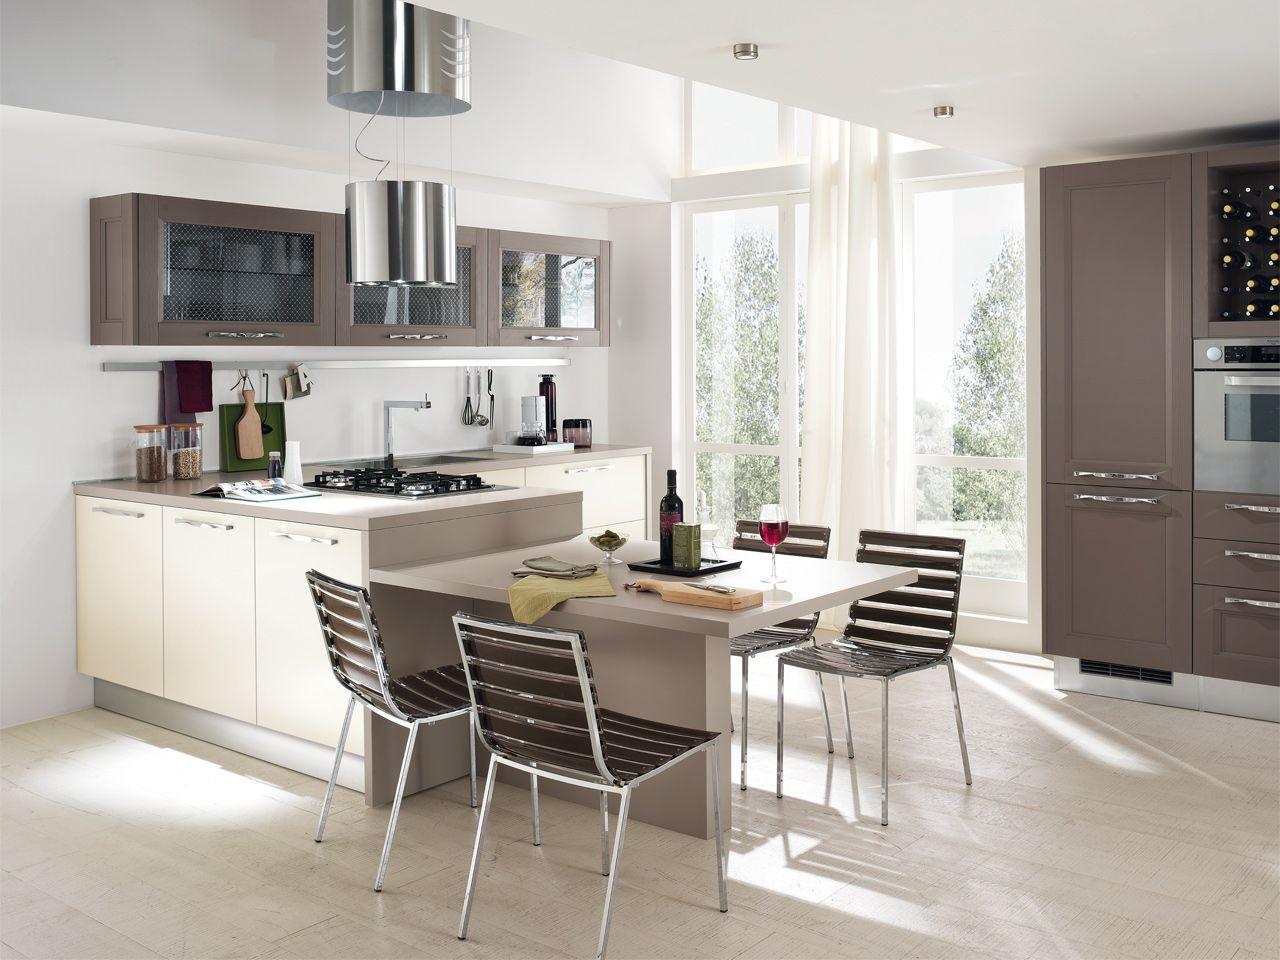 Georgia - Kitchens - Cucine Lube | kitchen | Pinterest | Georgia ...